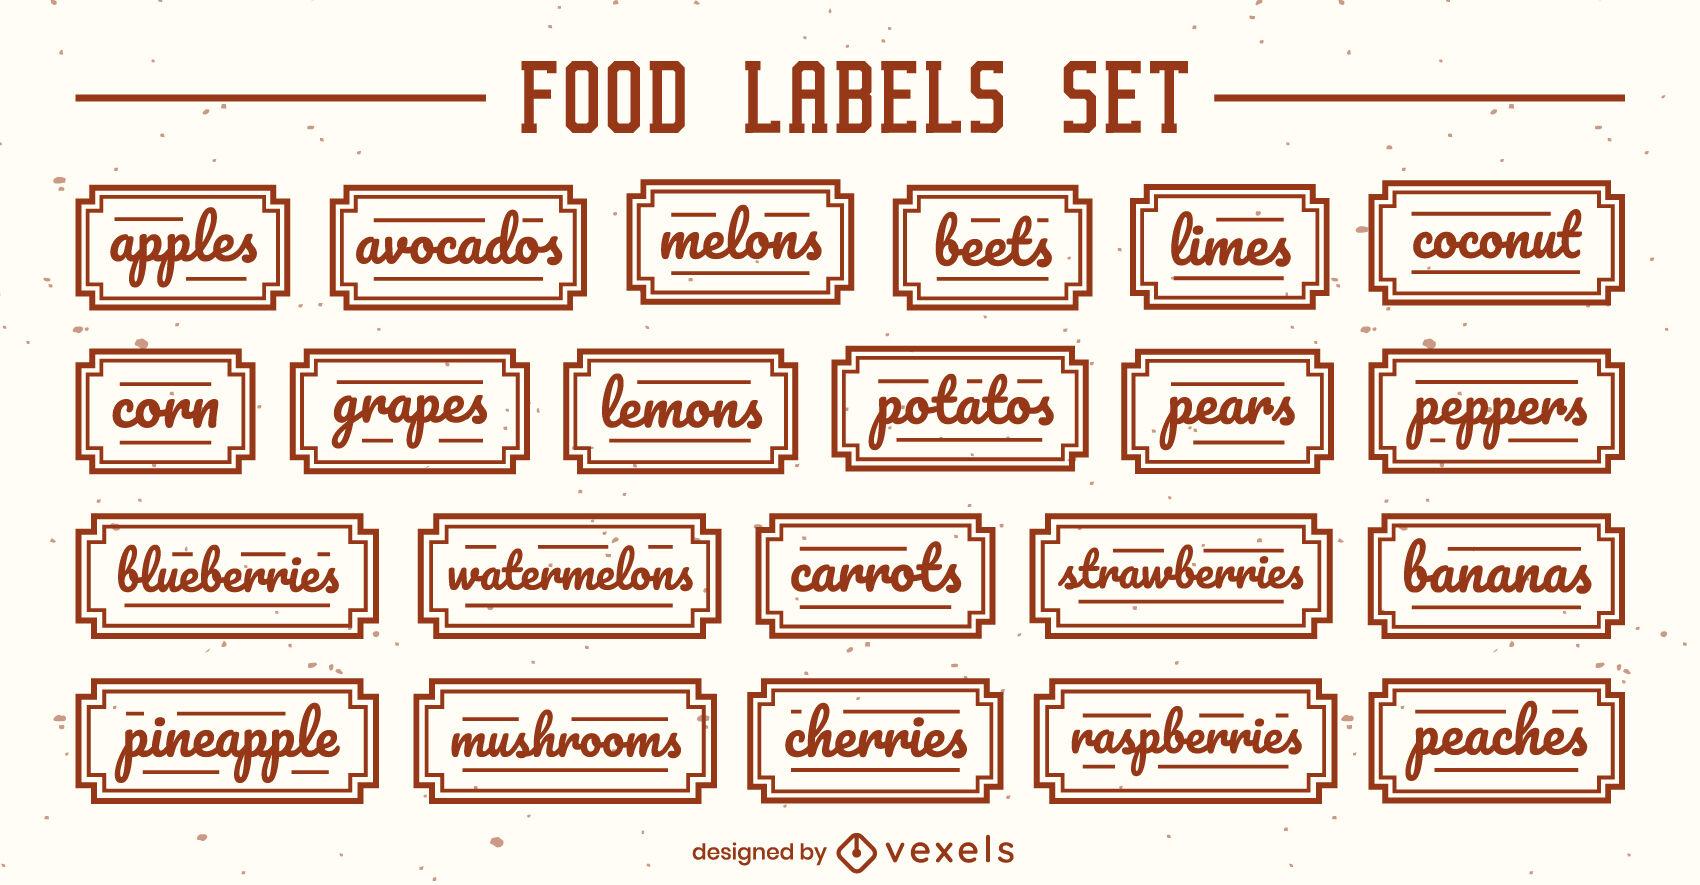 Fruit and vegetable food label lettering set